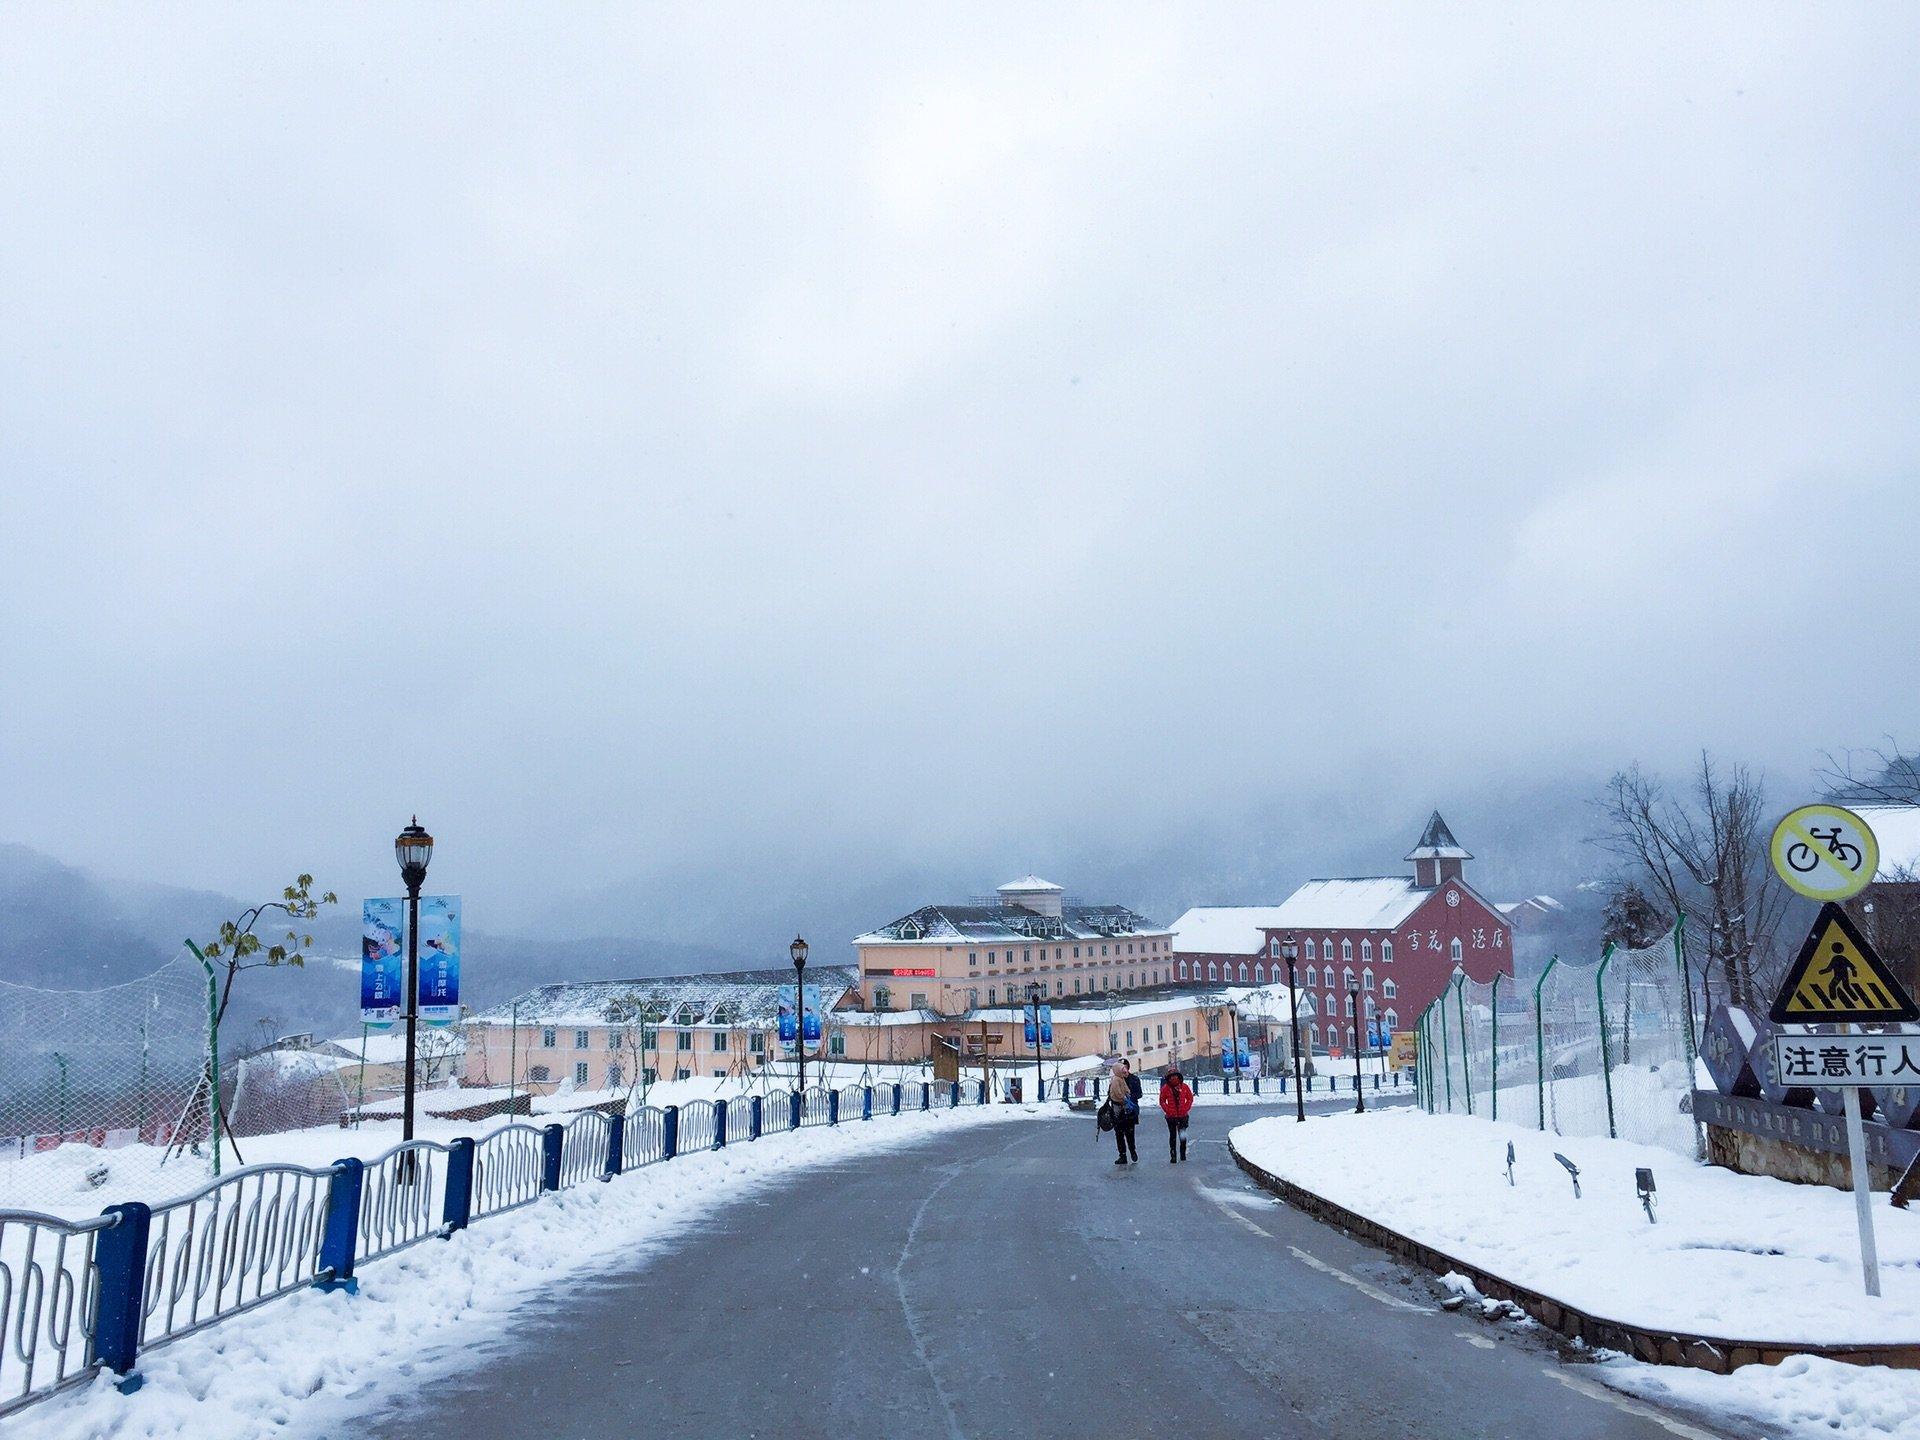 【西岭雪山】窗寒西岭千秋雪——❄冰雪世界❄2日游